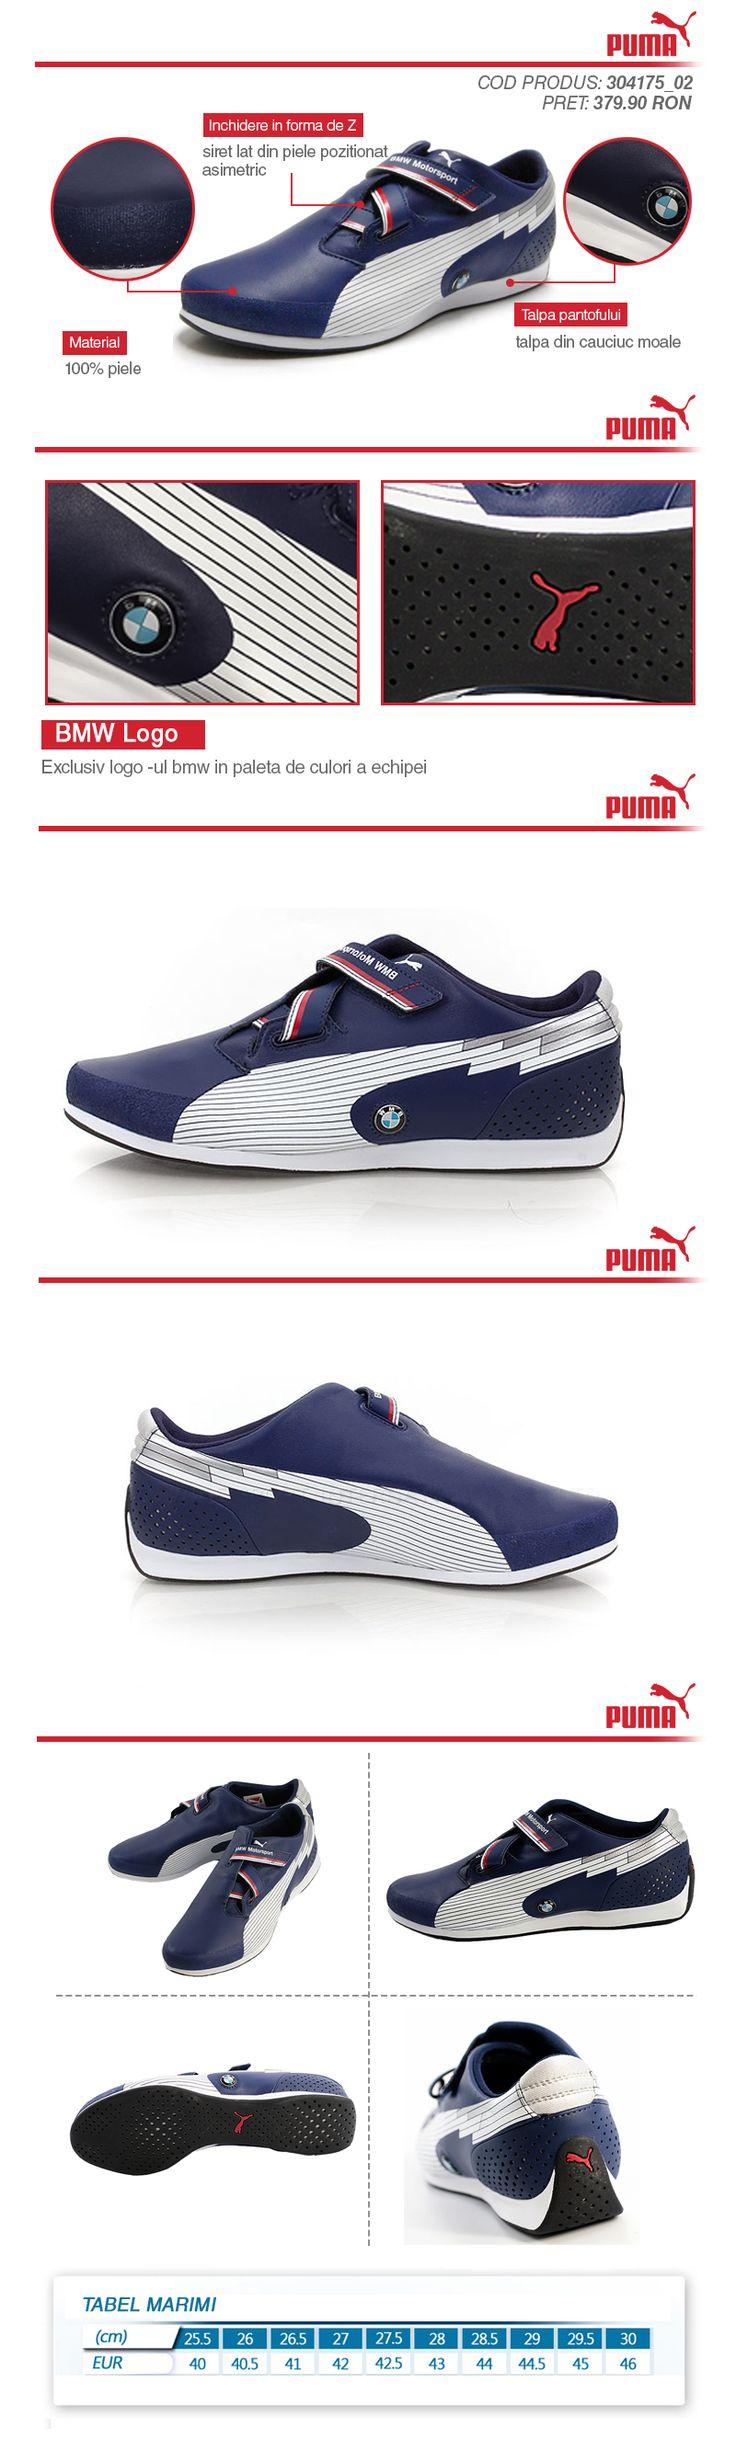 http://www.zorilestore.ro/pantofi-sport-barbati-puma-evospeed-f1-low-bmw-m-304175_02  EVOSPEED F1 LOW BMW face parte din noua colectie BMW Motorsport, este un model care revolutioneaza sportul prin viteza. Partea superioara este confectionata 100% din piele de calitate si adaosuri din material textil.